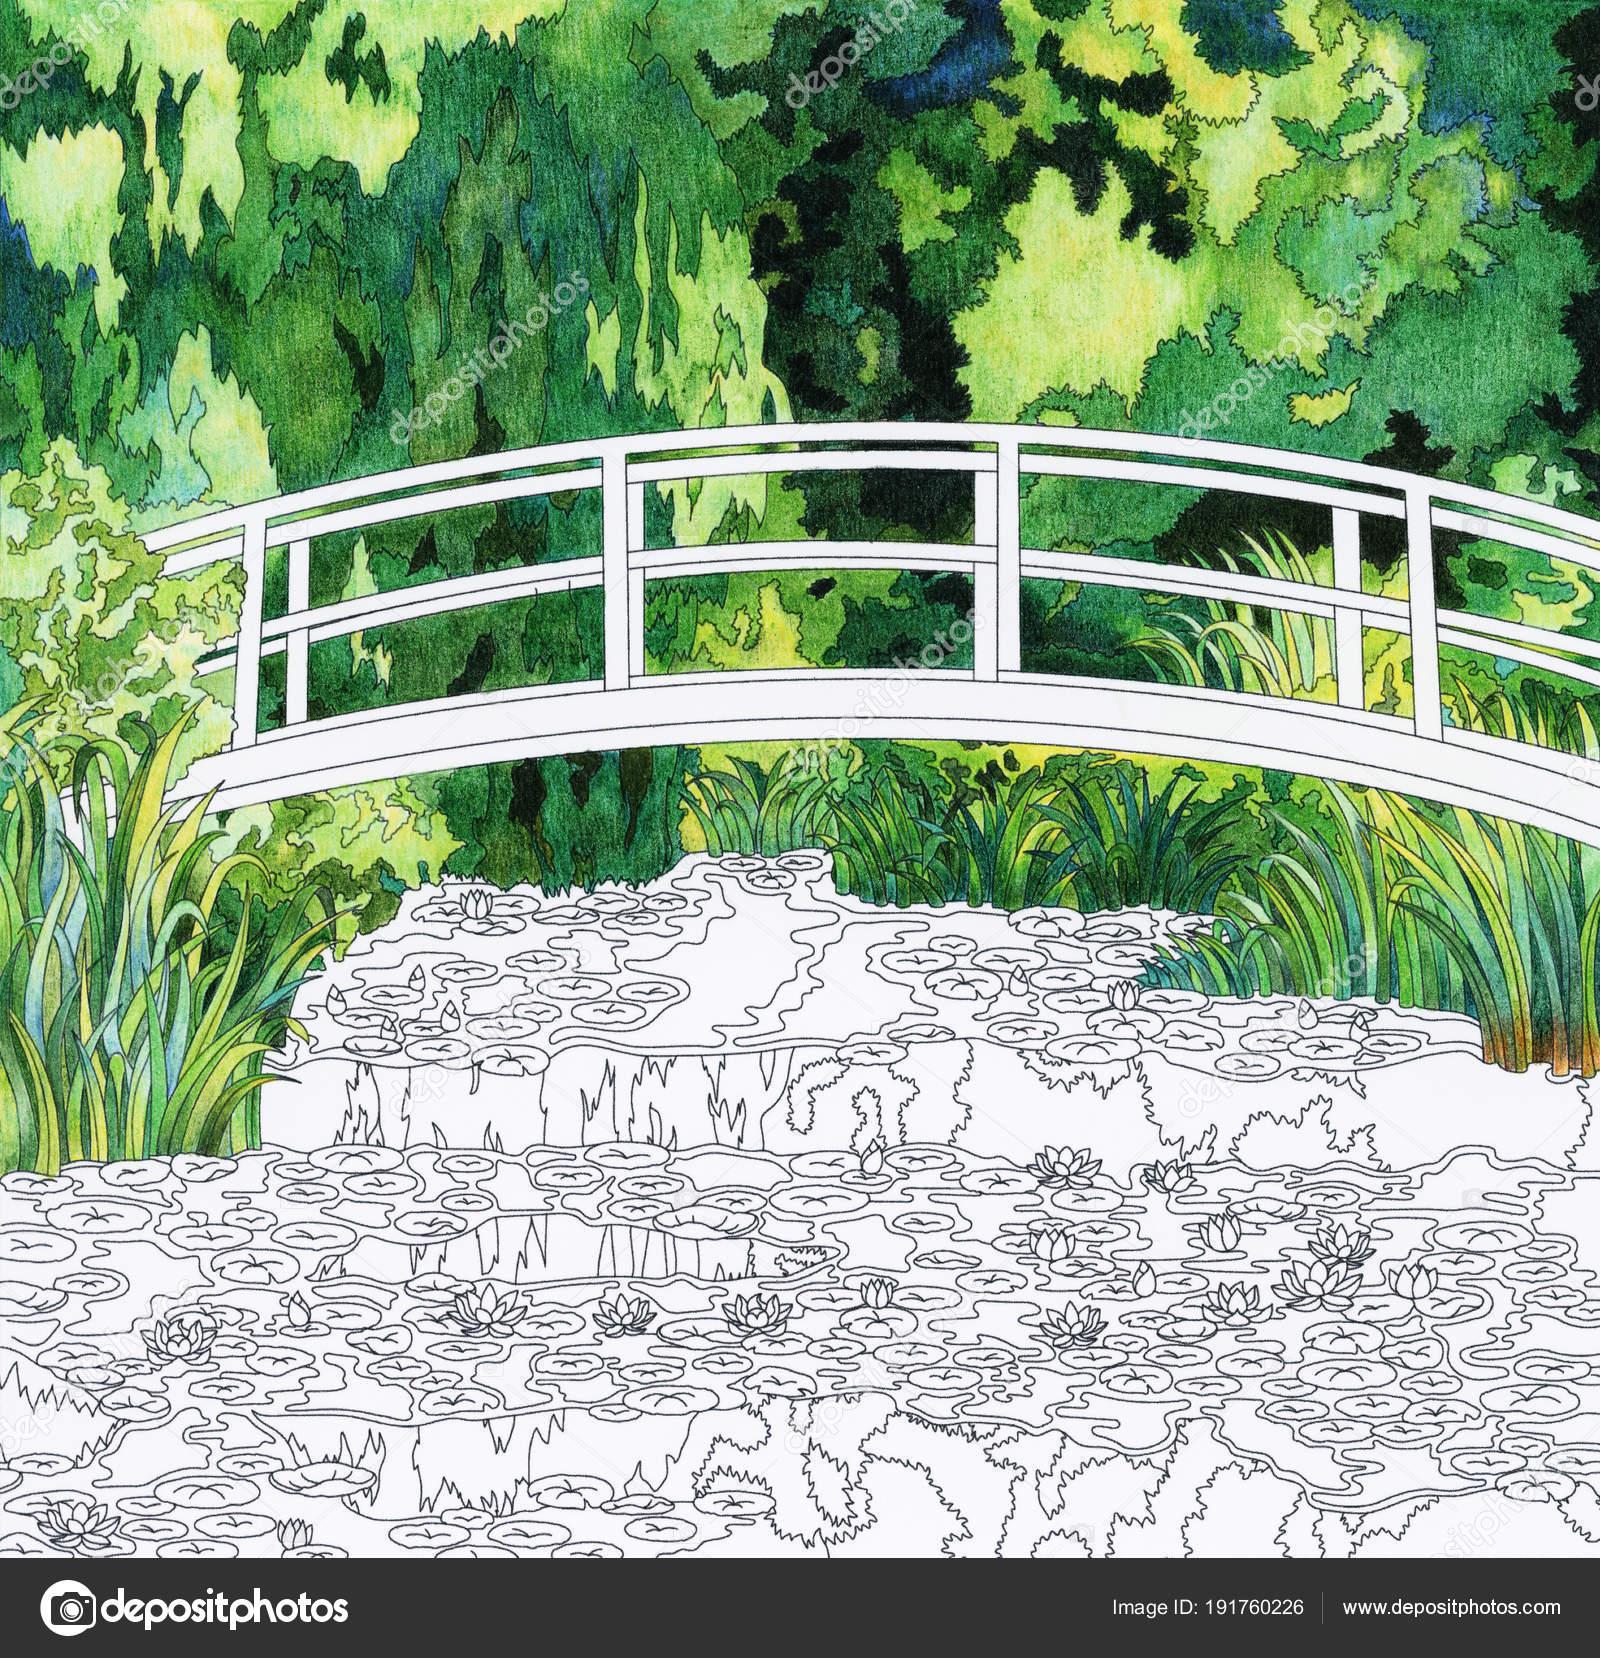 Kleurplaten Waterlelies.Monet Waterlelie Volwassen Kleurplaat Stockfoto C Rawpixel 191760226